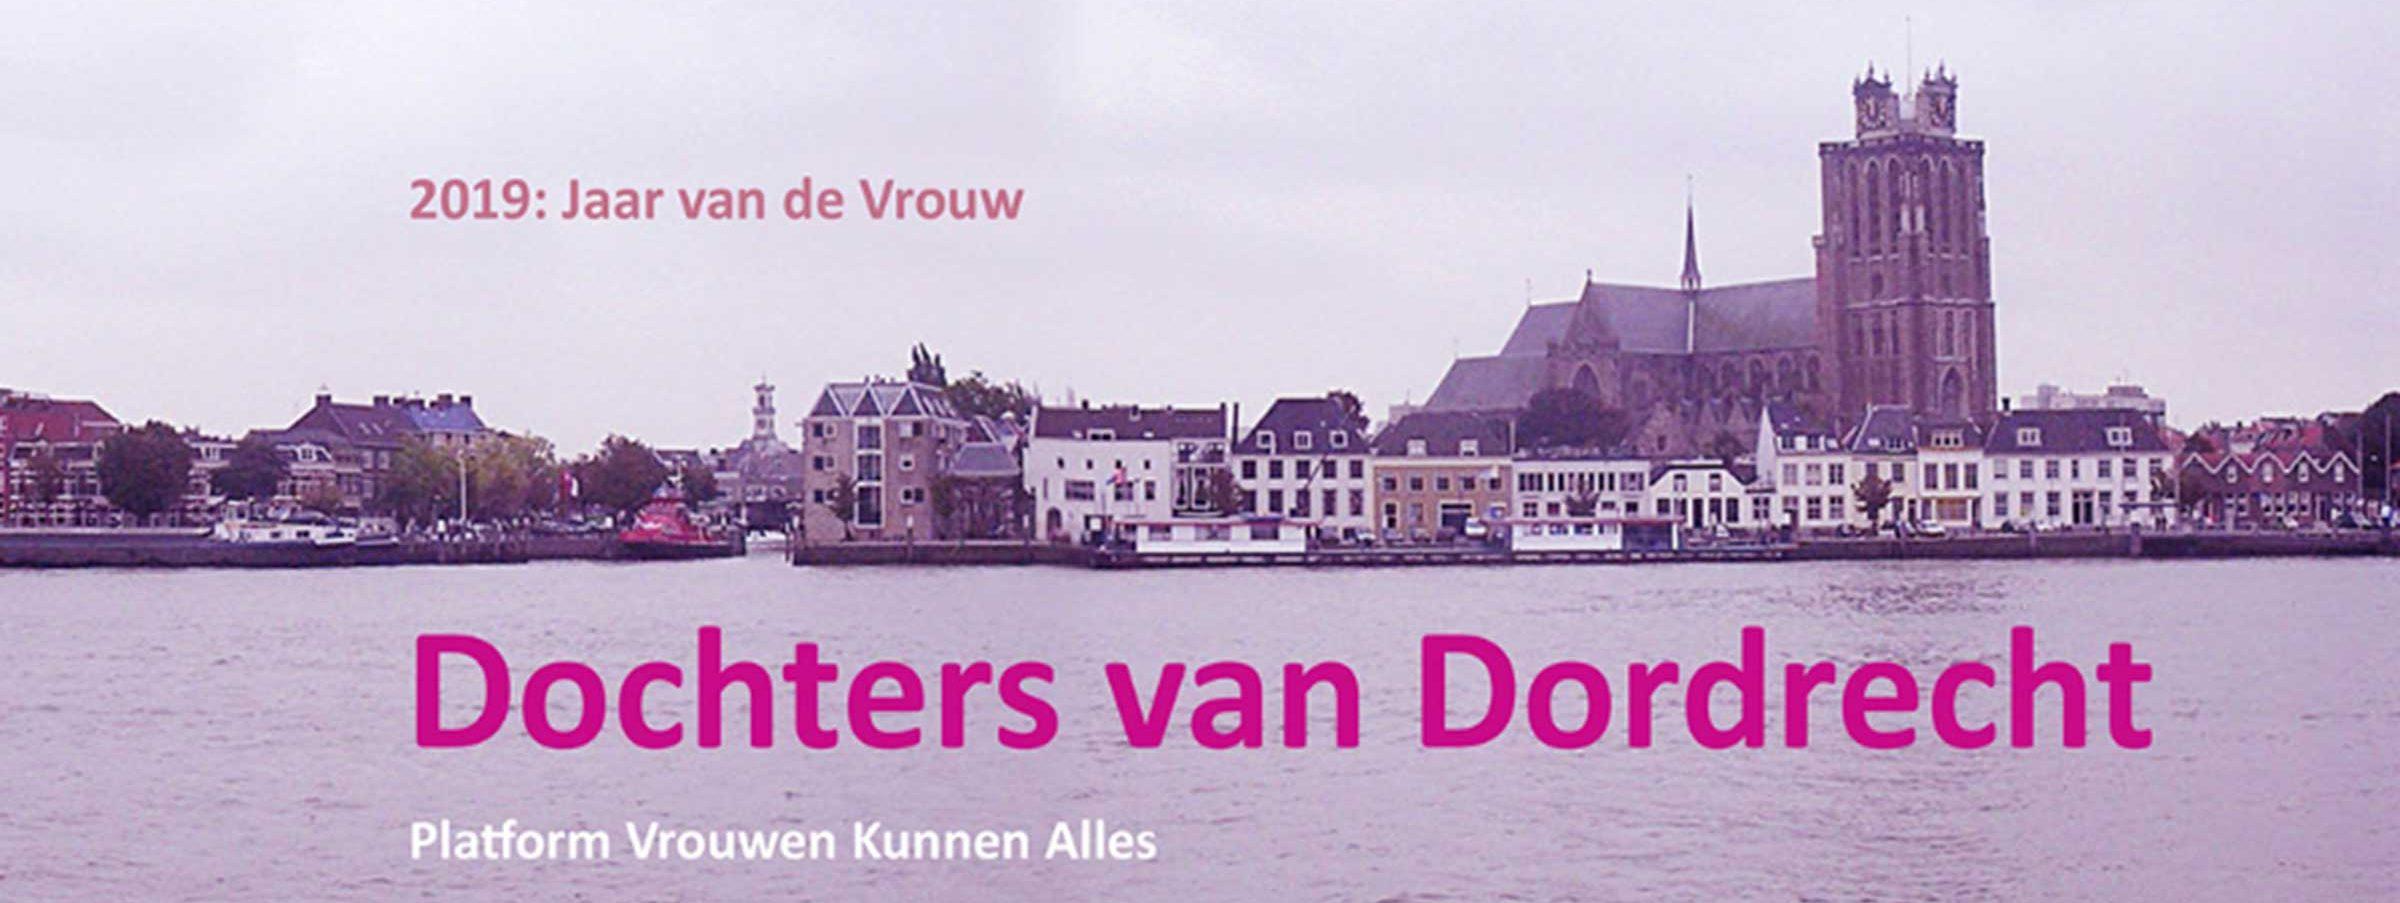 Dochters van Dordrecht